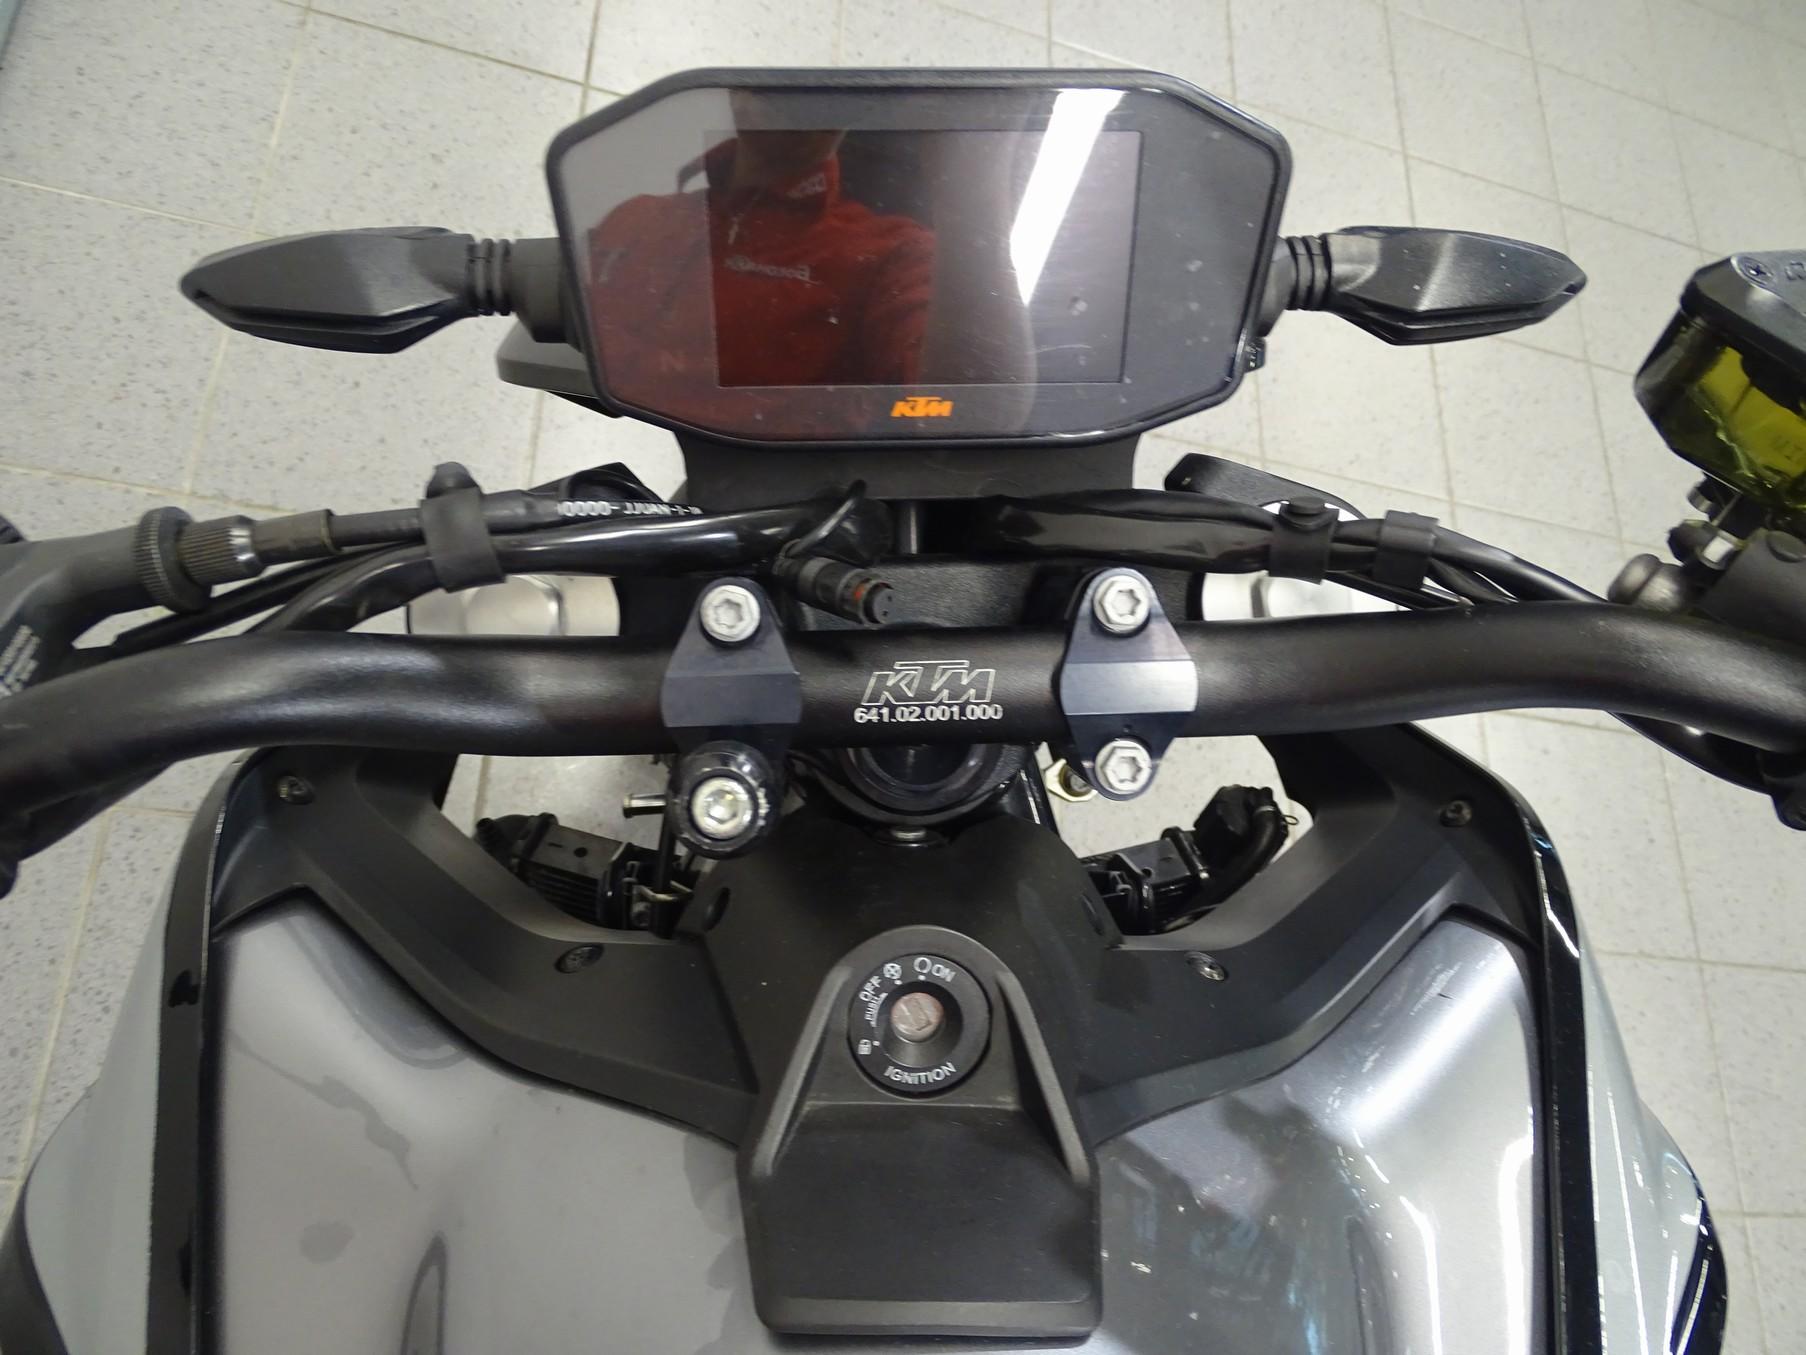 KTM - 790 DUKE